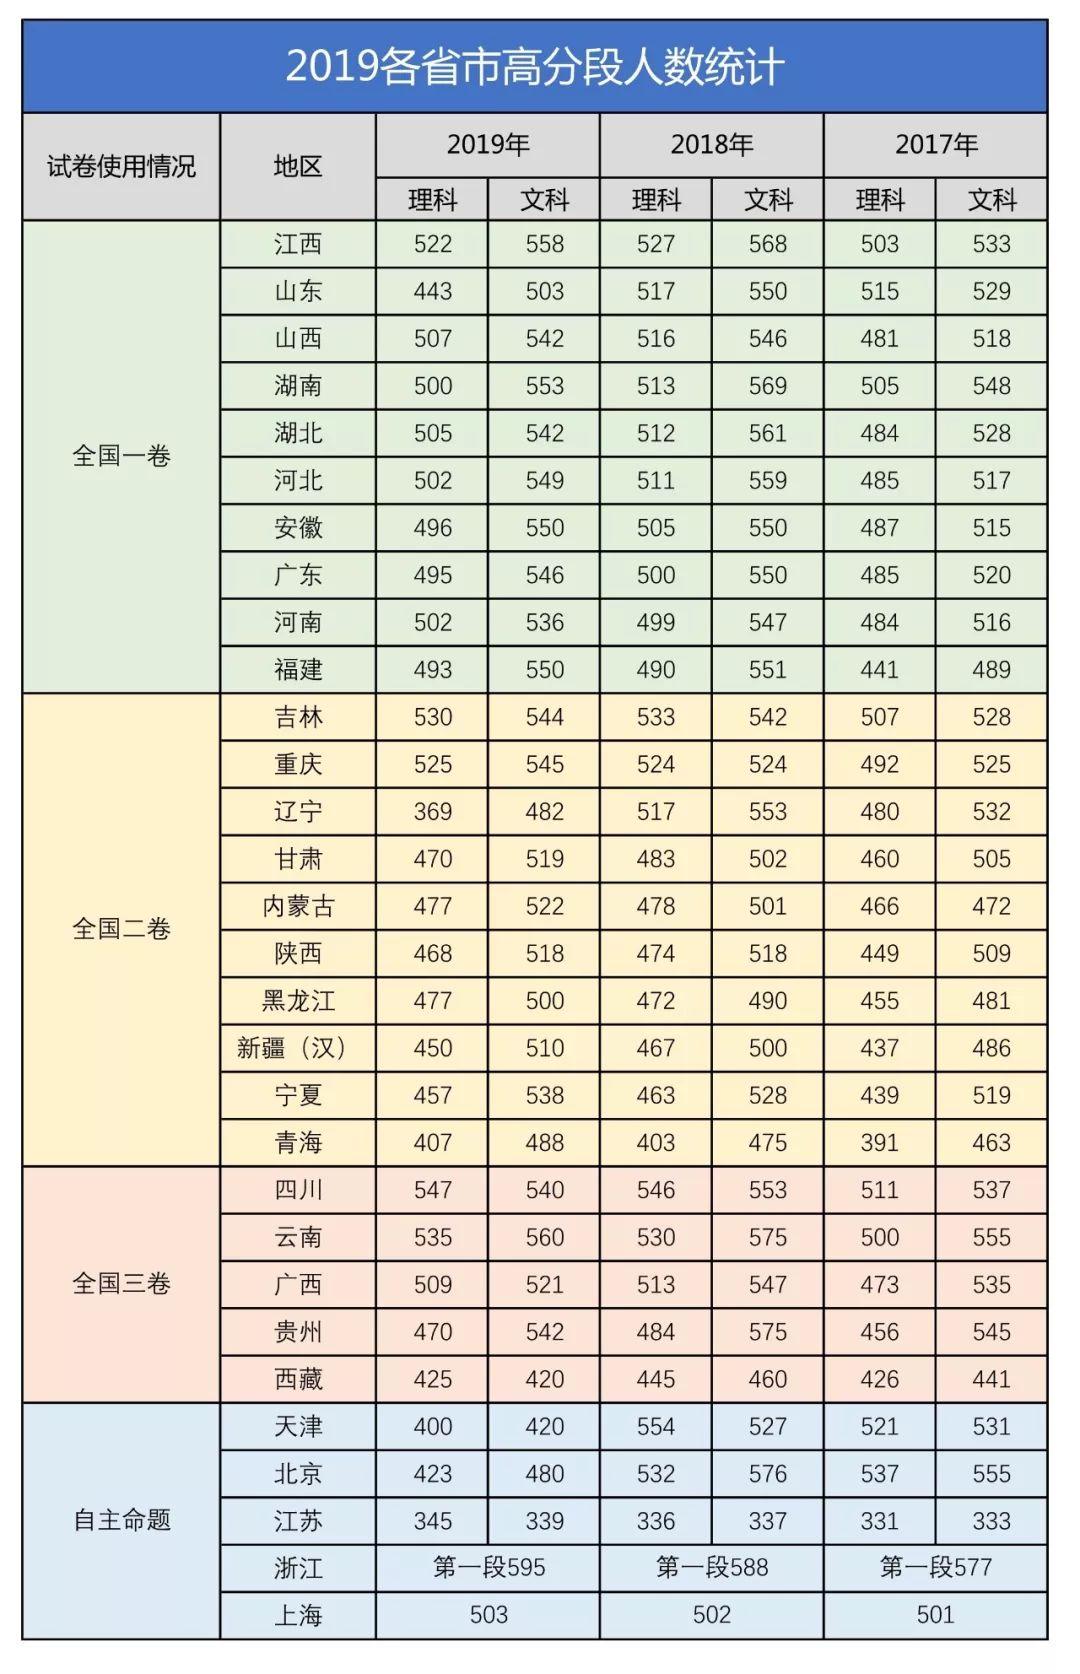 2019高考难度排行榜_鲲鹏说 2019全国高考难度排行榜出炉